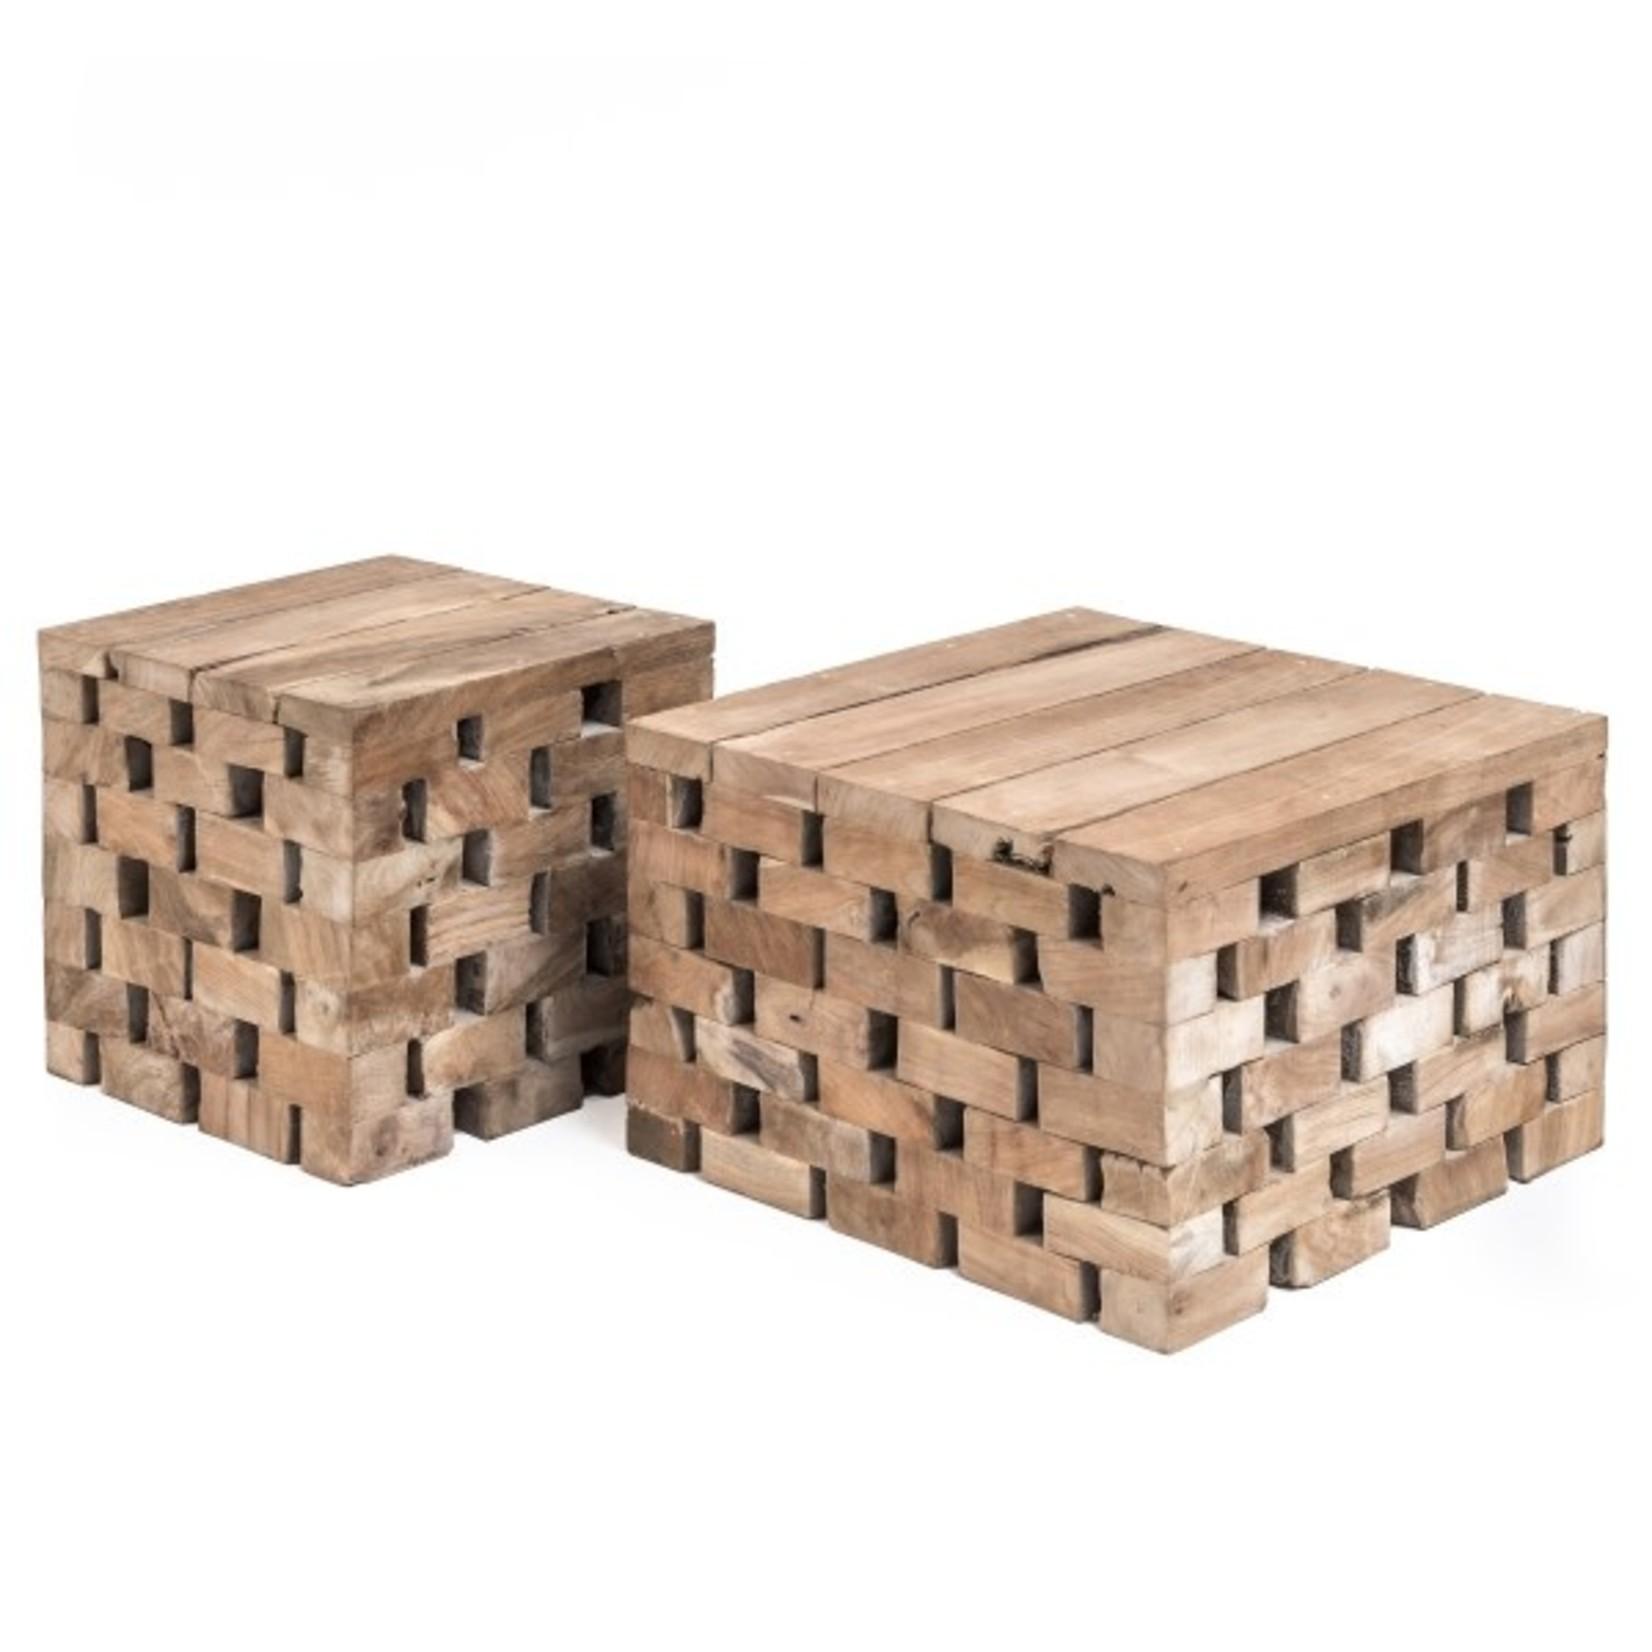 Gommaire Table basse Puzzle grand | Teck récupéré gris naturel